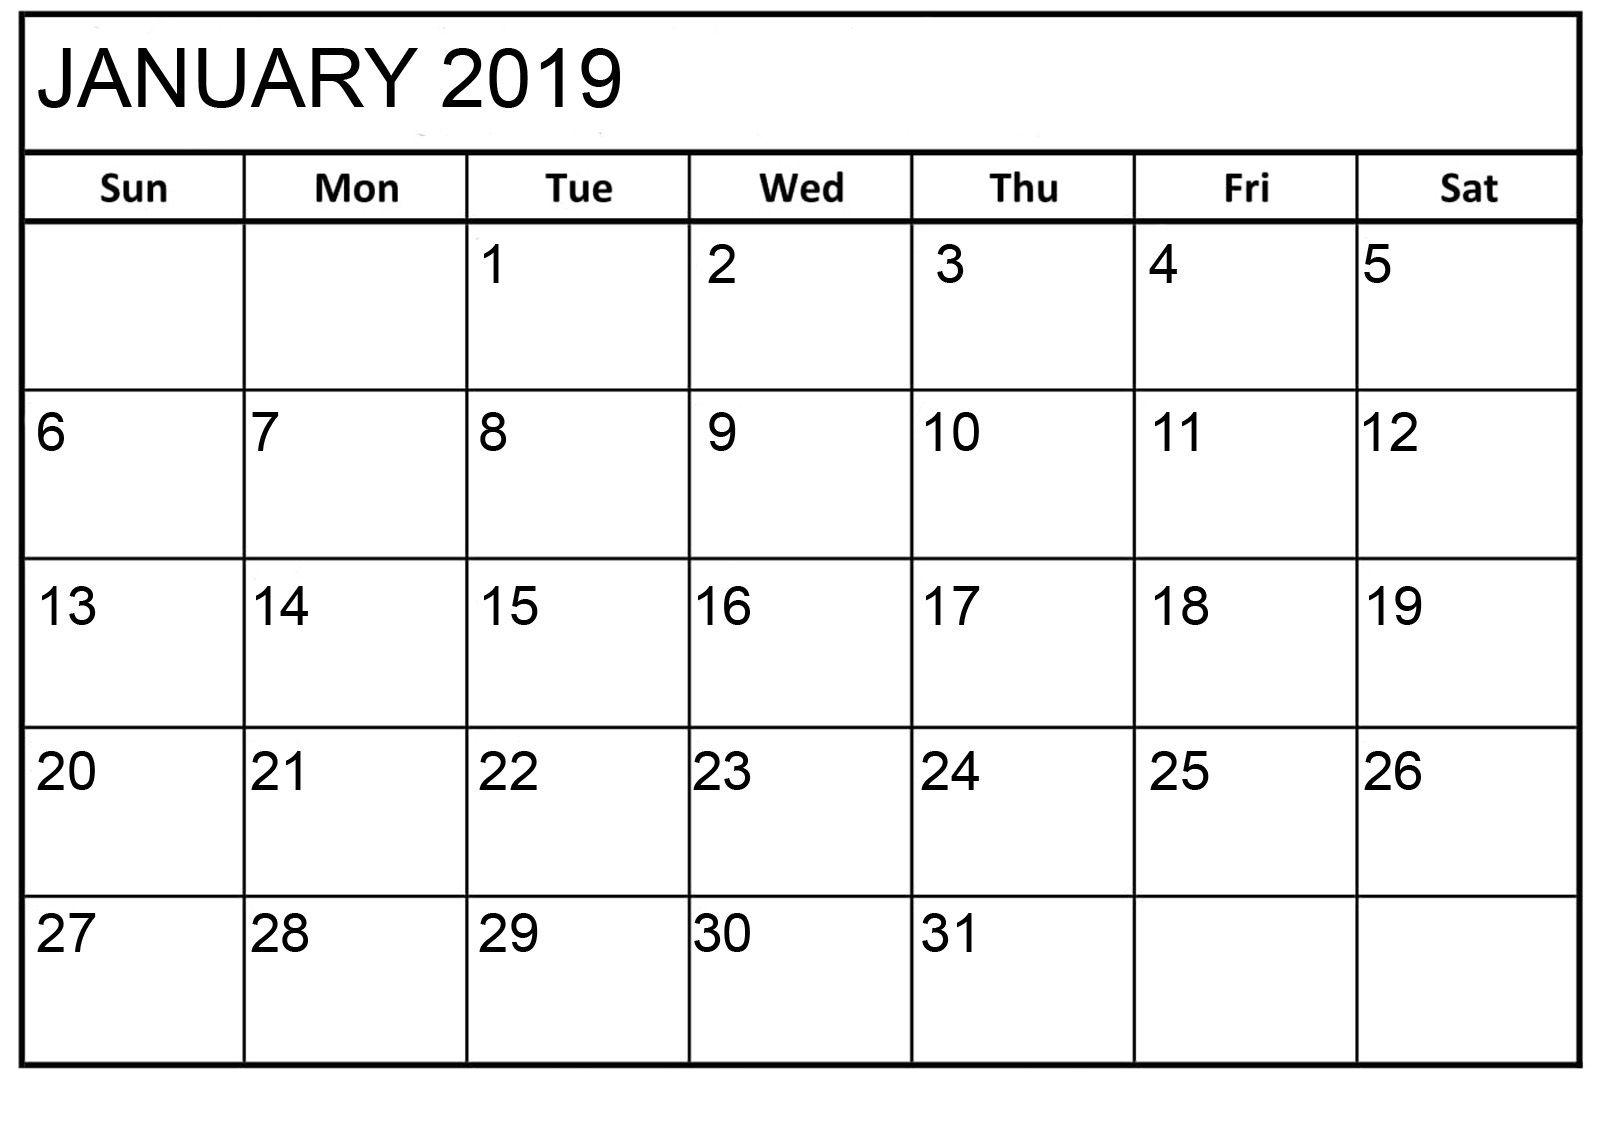 January 2019 Calendar Printable Html January 2019 Calendar